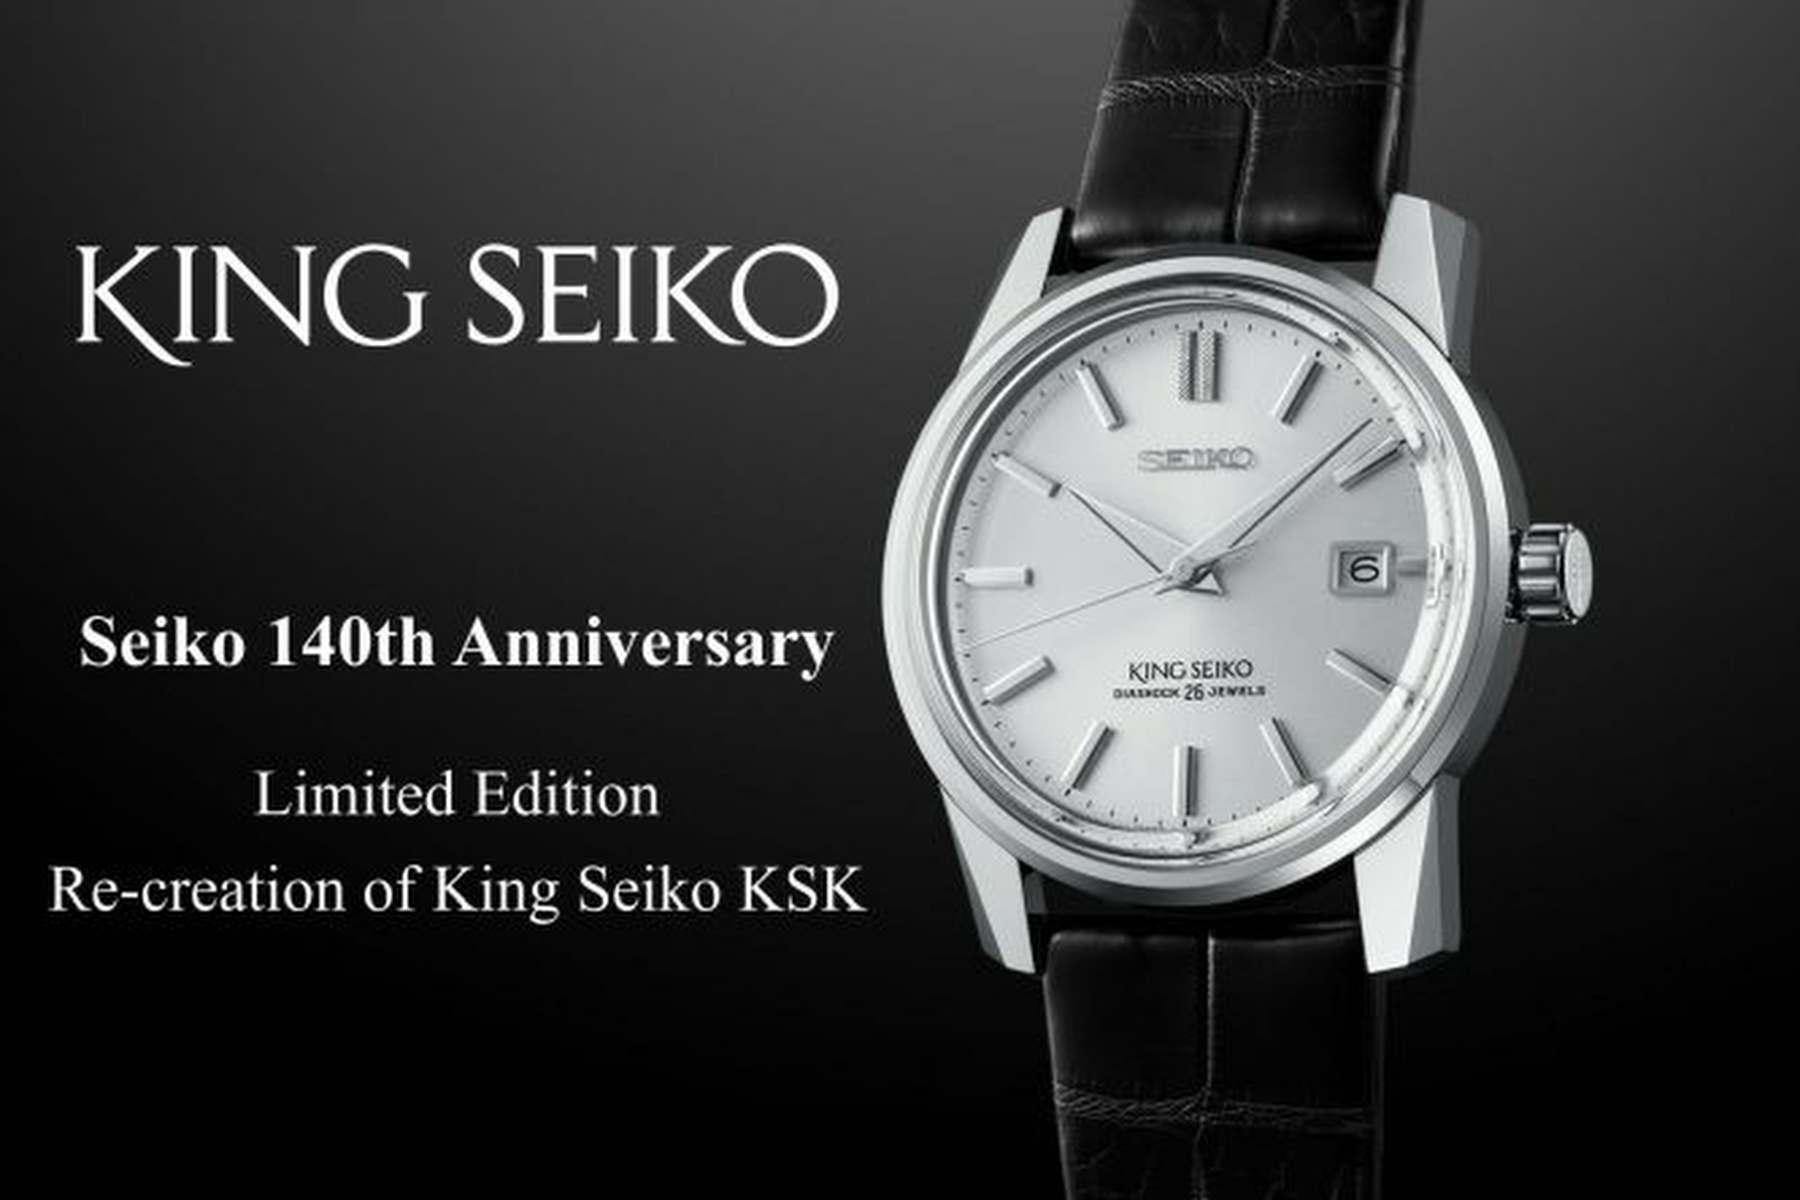 King Seiko